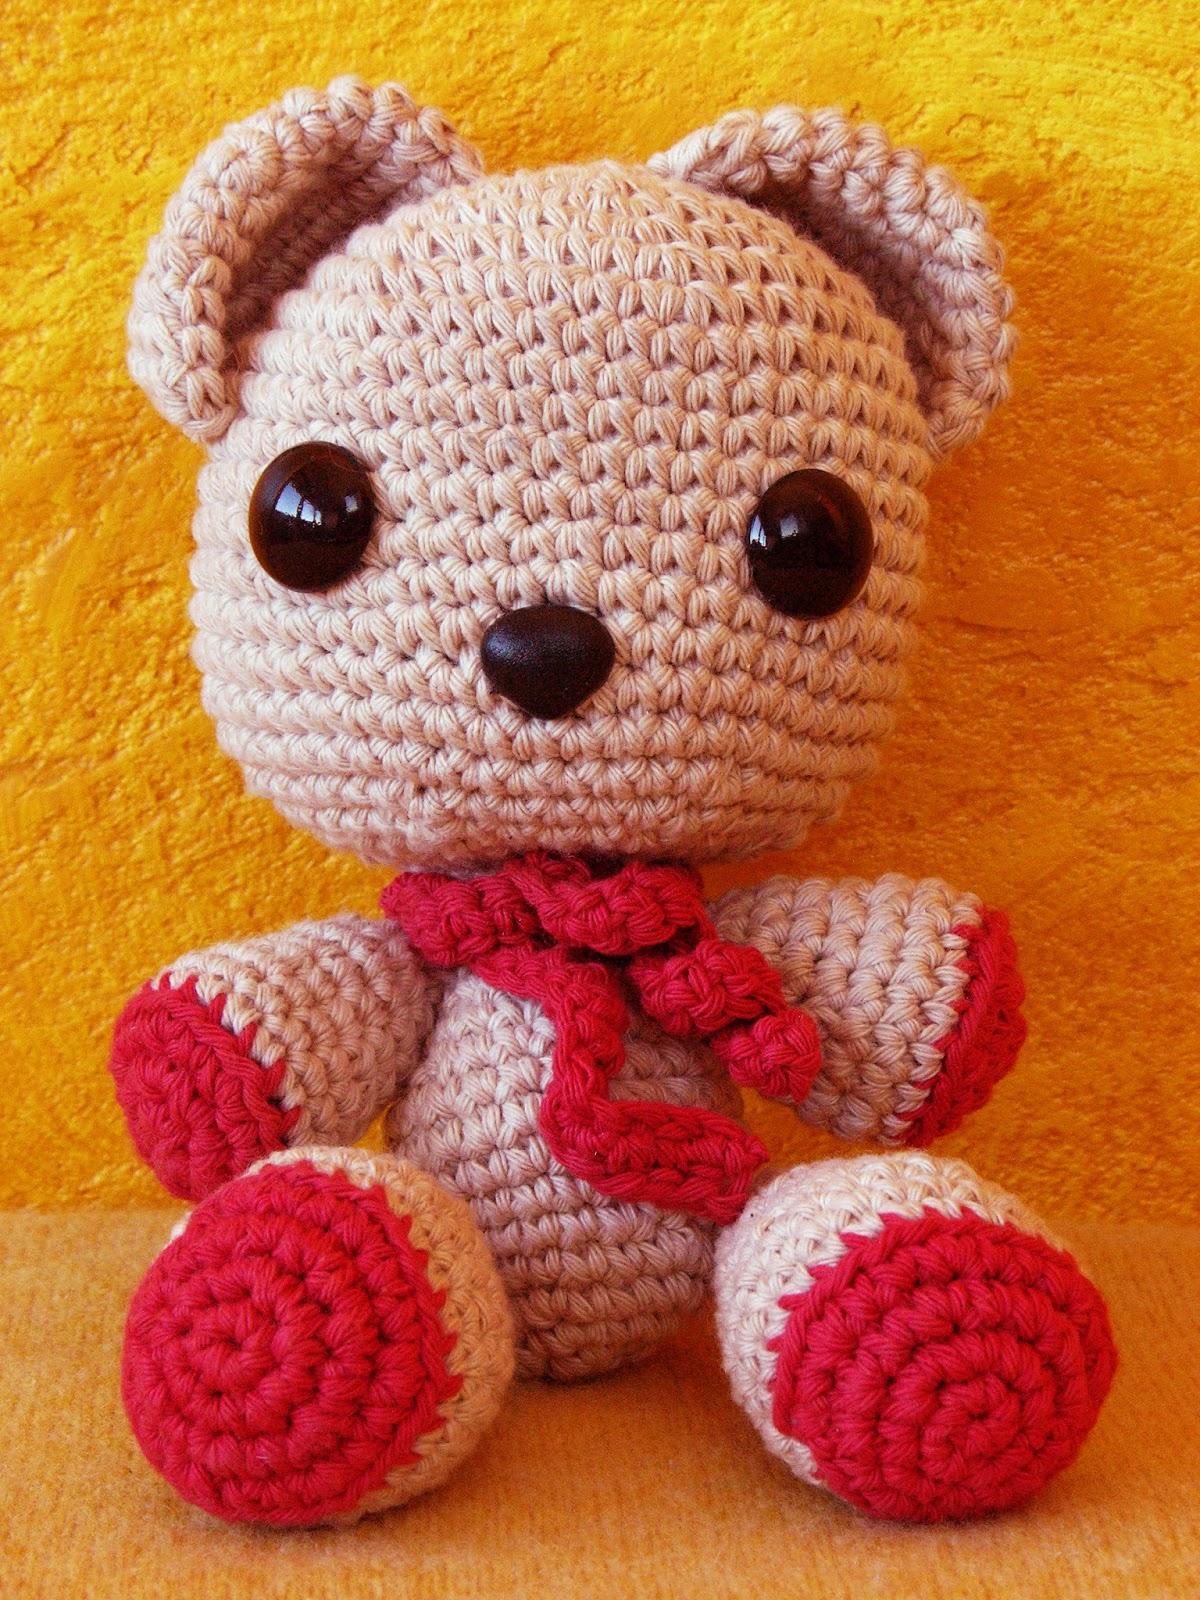 Crochet Bear PATTERN - Amigurumi Toy Tutorial - Little Teddy Bear ... | 1600x1200